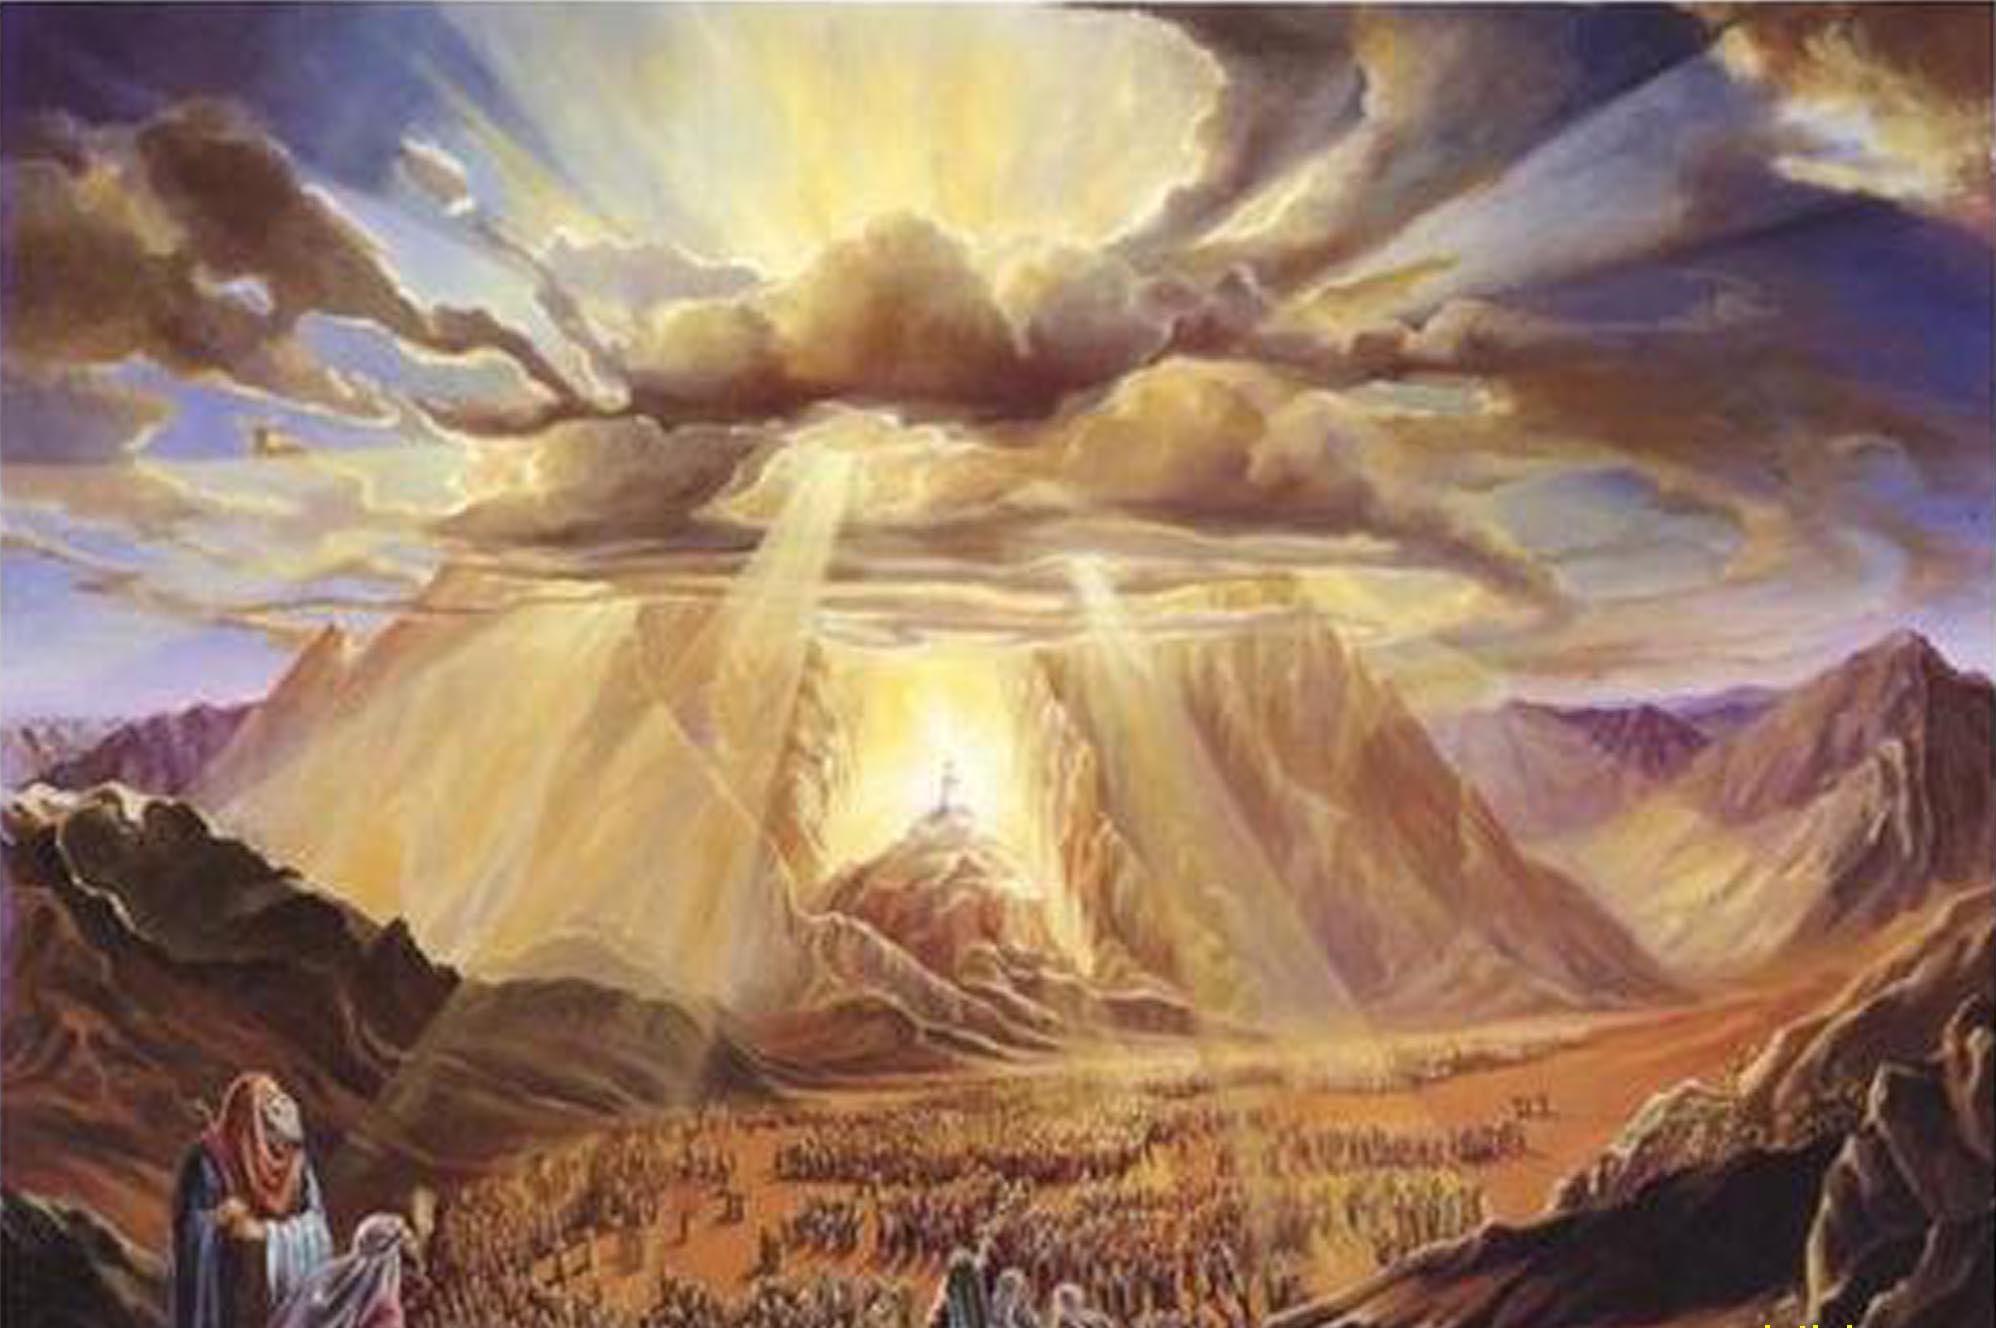 MOSE' SINAI 1